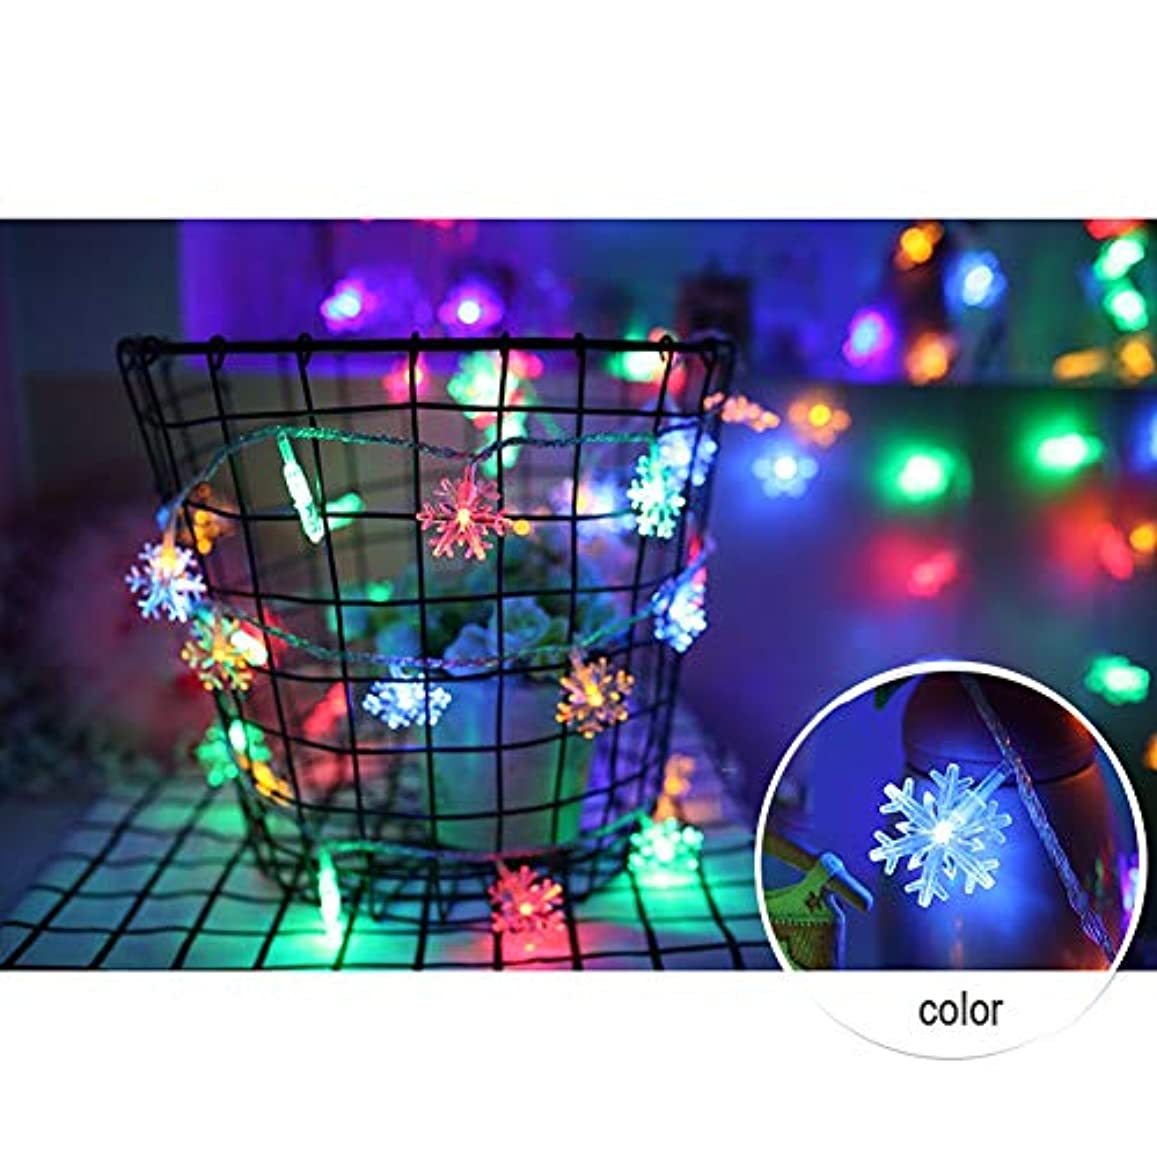 文言整理する受け継ぐ電池式 ストリングライト - 防雨型 スノーフレークLEDイルミネ ーションライト ロマンチックな雰囲気を作る屋外用 ワイヤーライト イルミネーションライト、庭、パティオ、バルコニ、ークリスマス